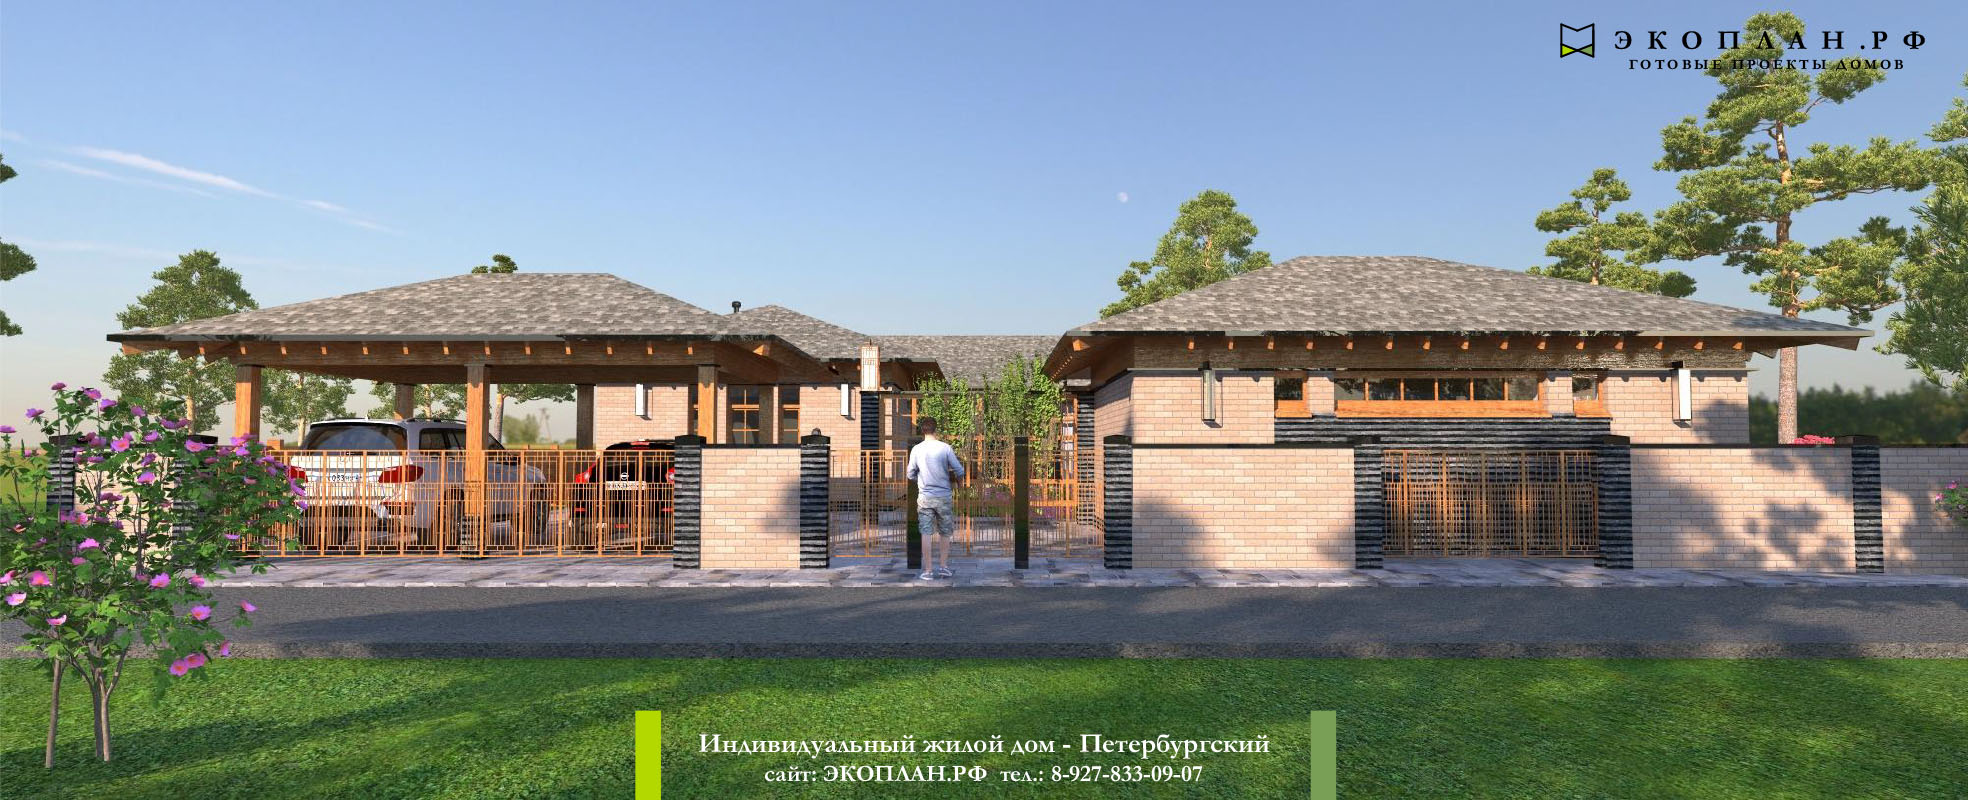 Петербургский.  П- образый готовый проект дома. фасад